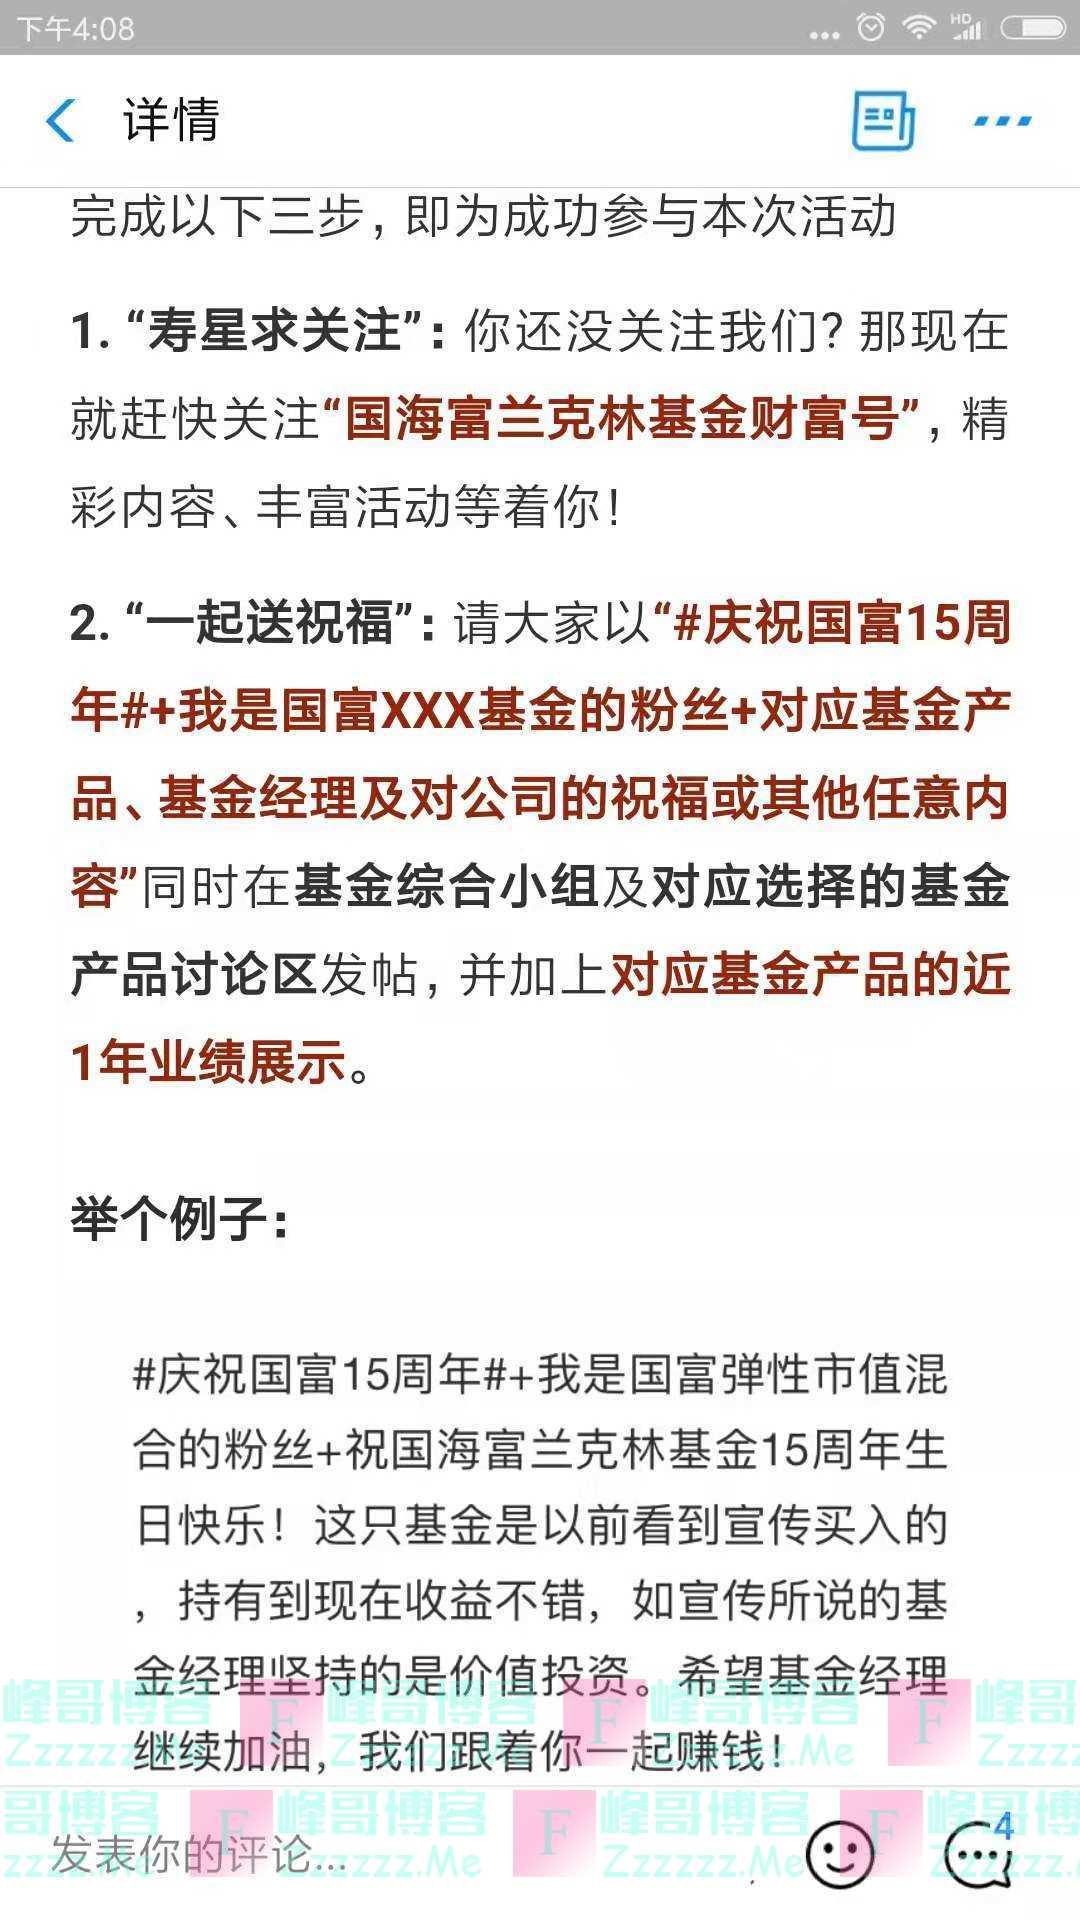 国海富兰克林基金15周年庆送5000元话费(截止11月15日)